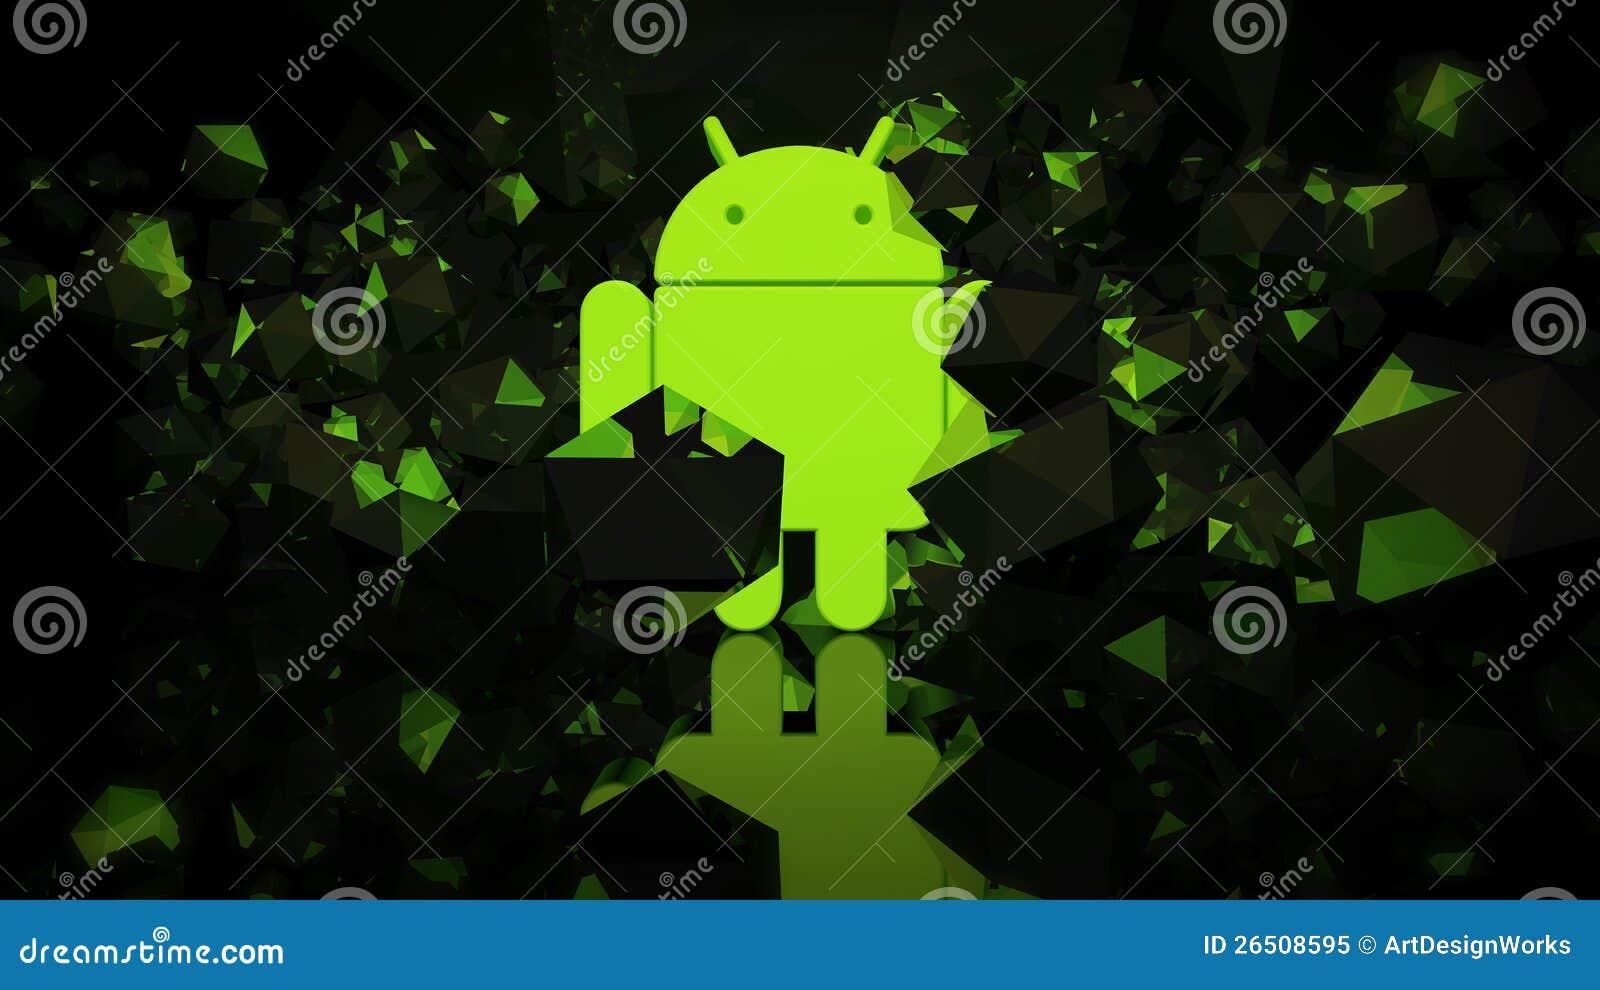 O Melhor Wallpaper Para Android